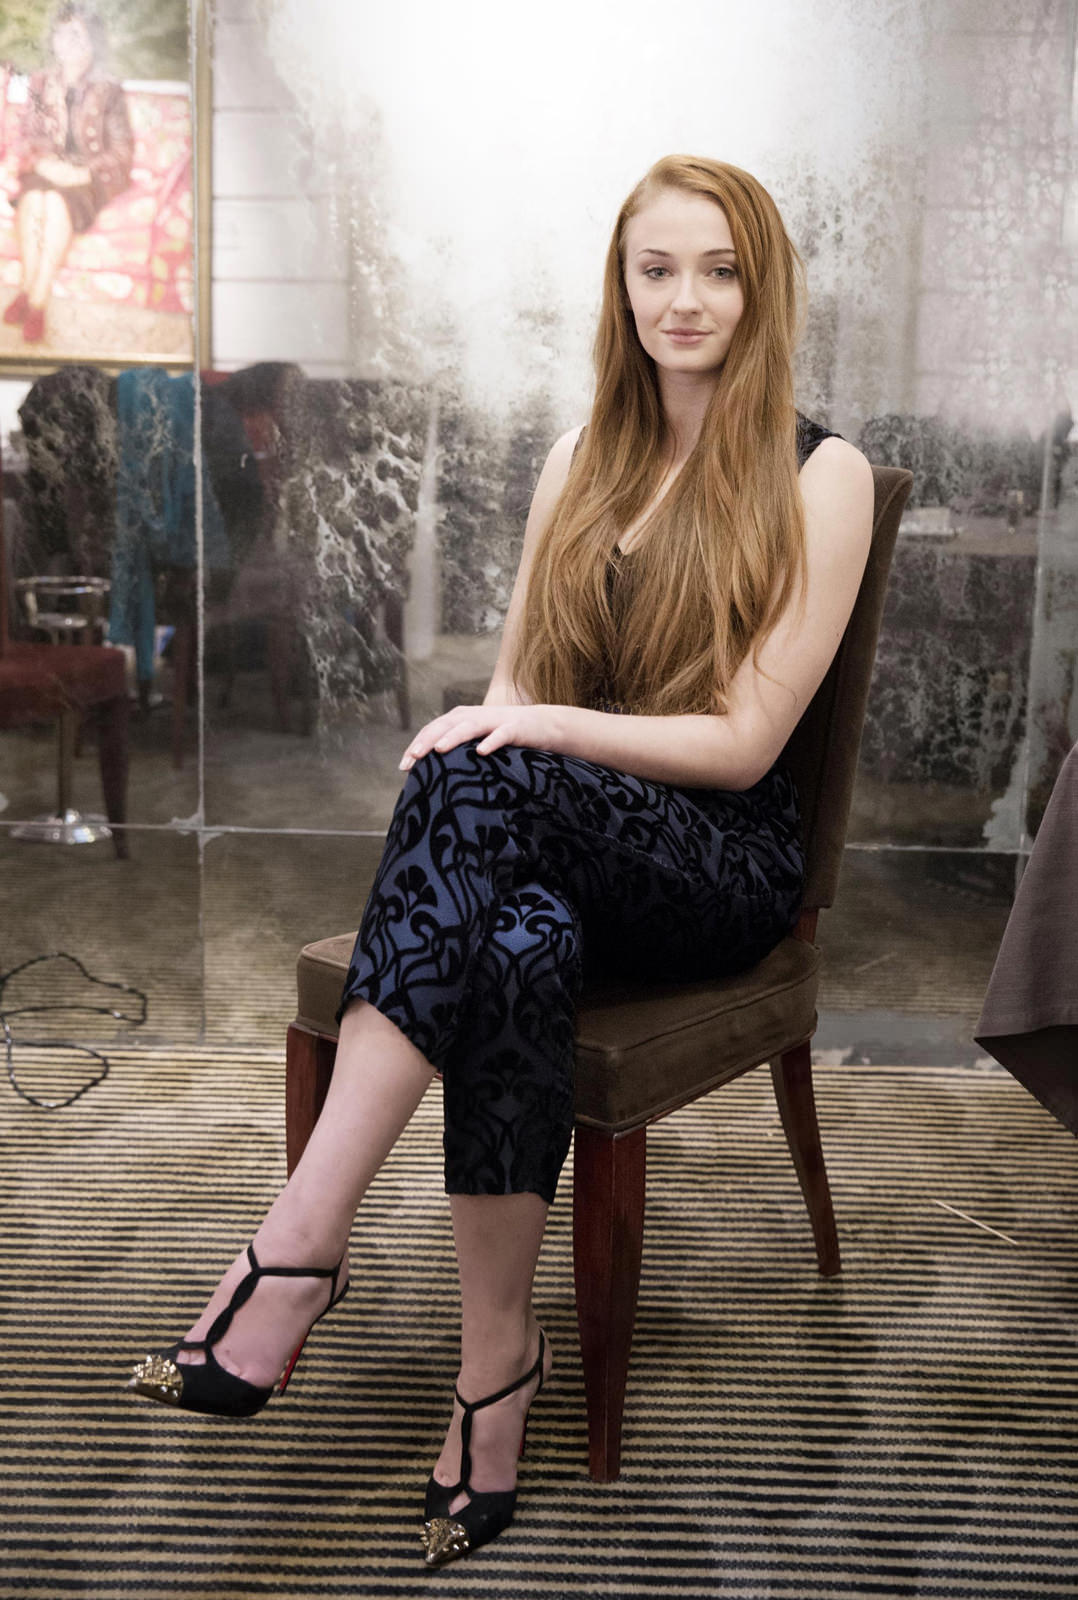 Sophie Turner Photo Gallery